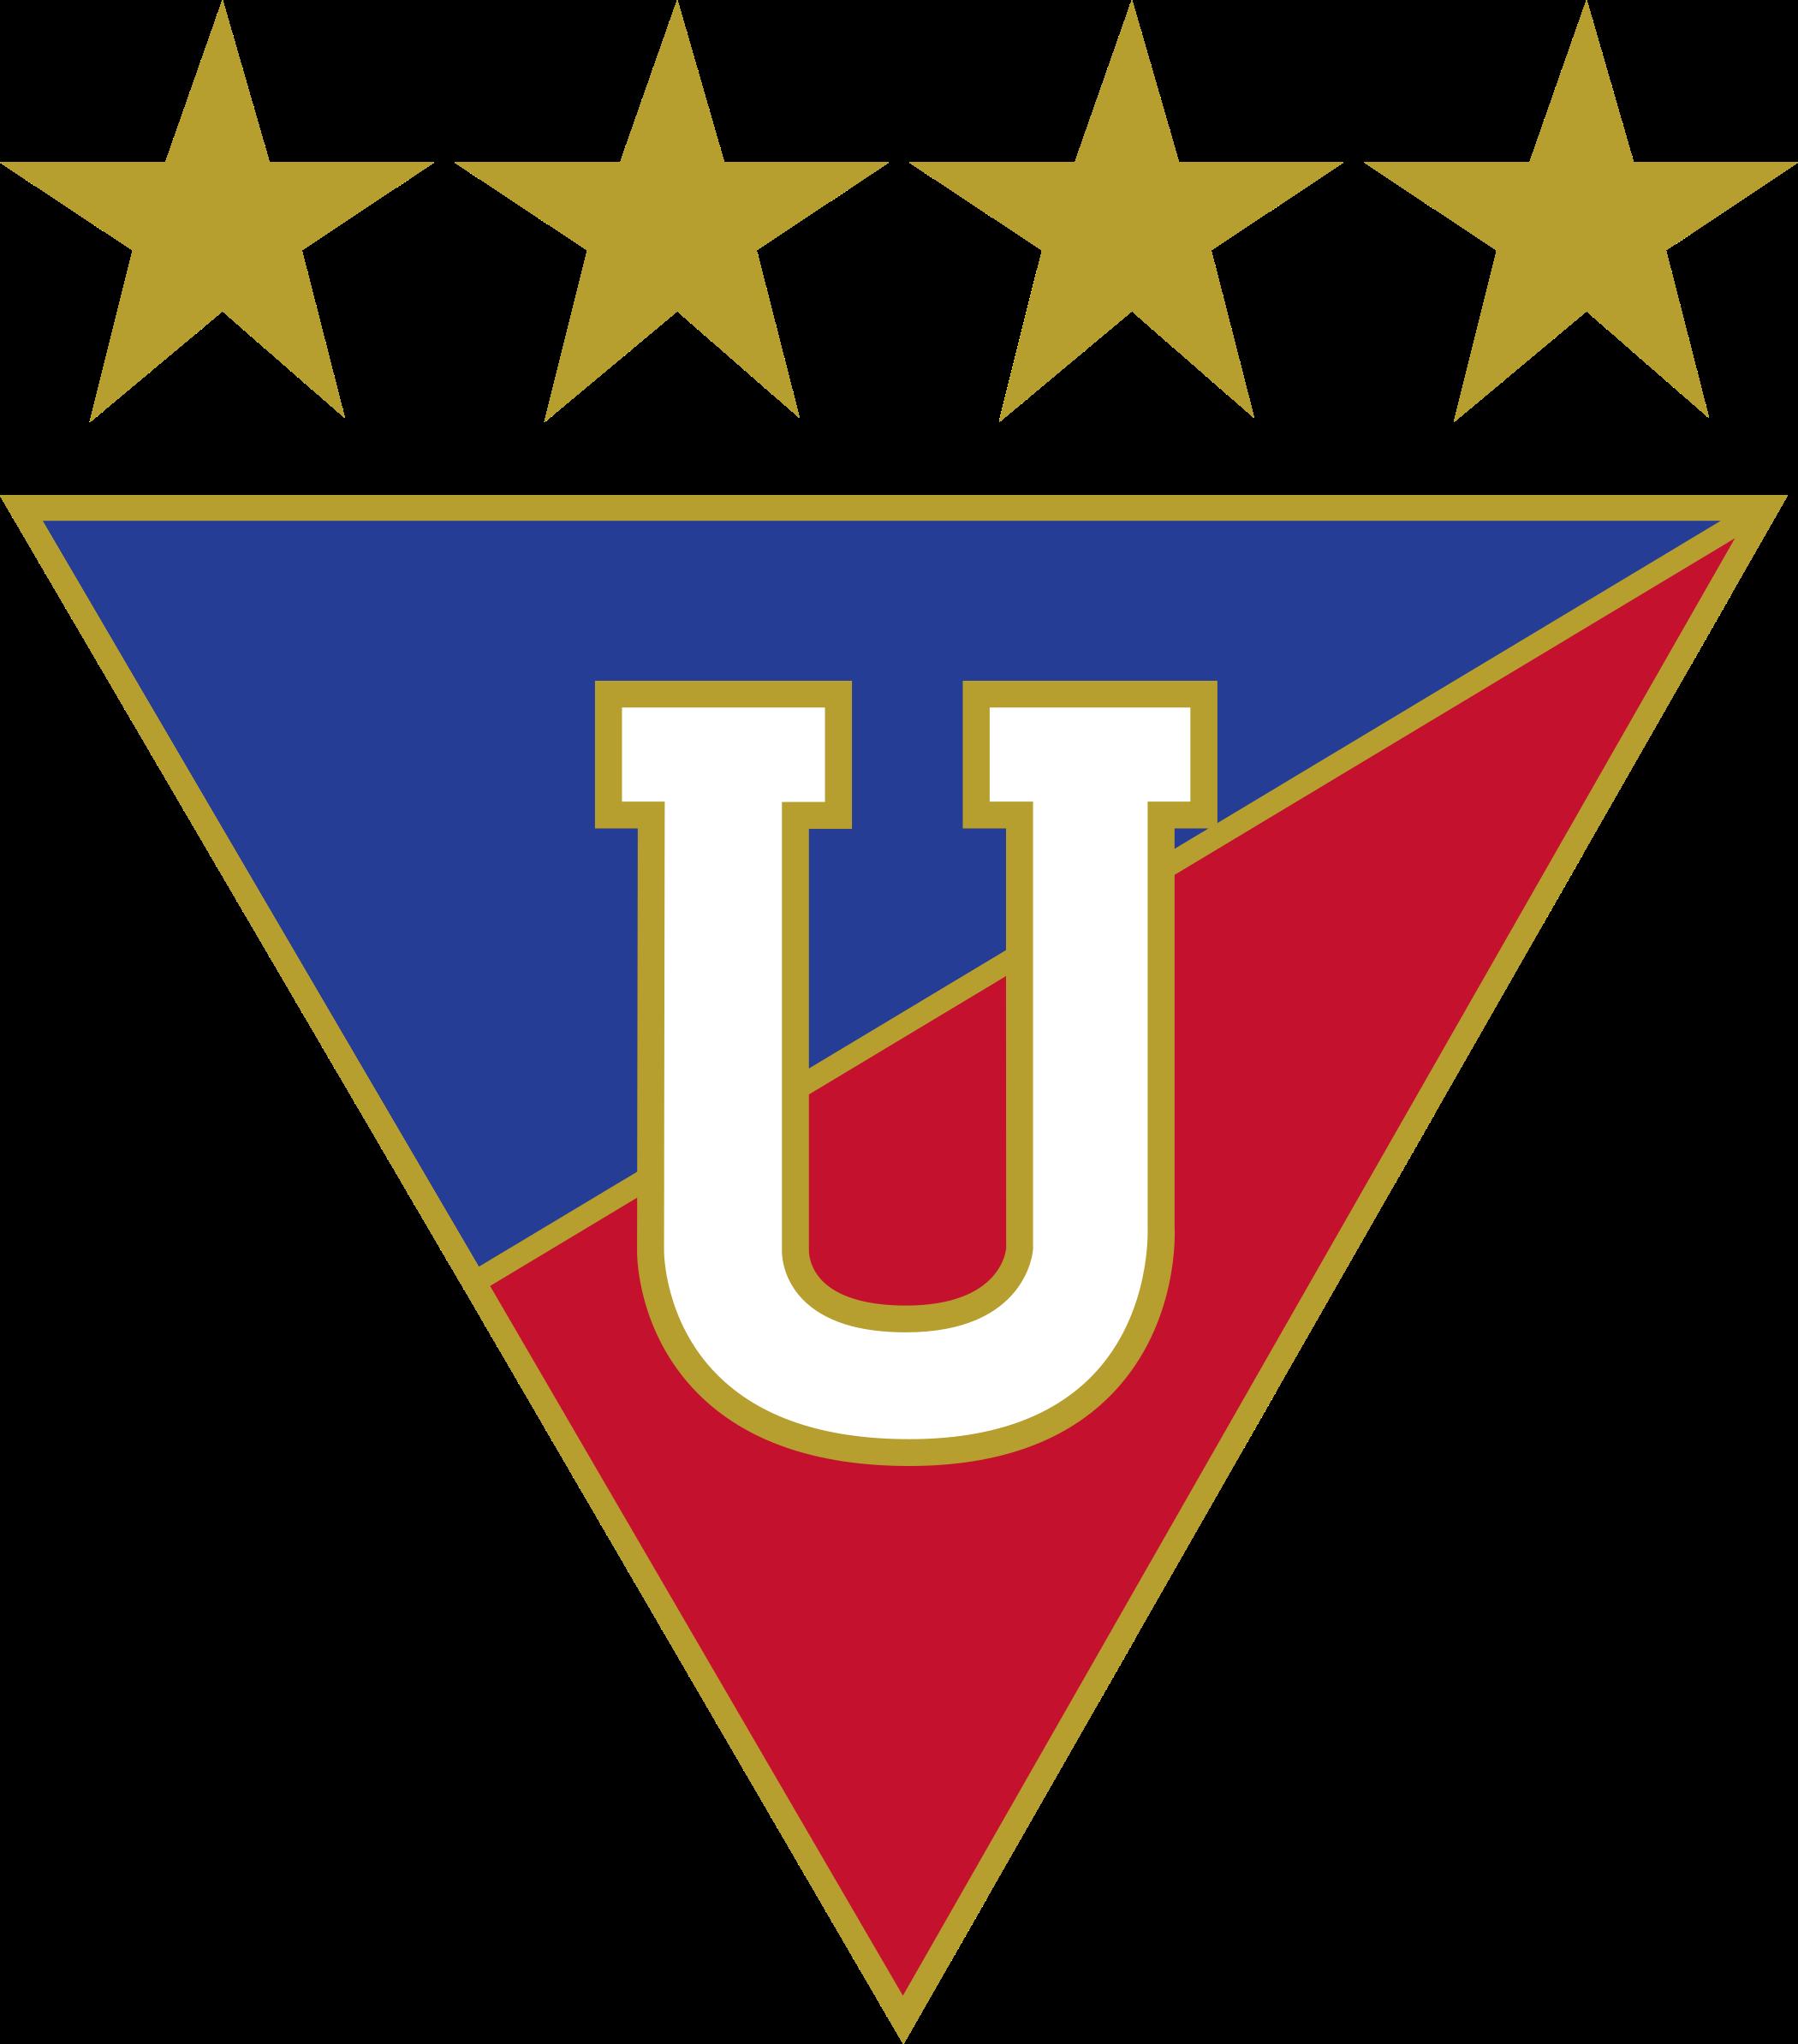 ldu logo 3 - LDU Logo - Liga Deportiva Universitaria de Quito Escudo